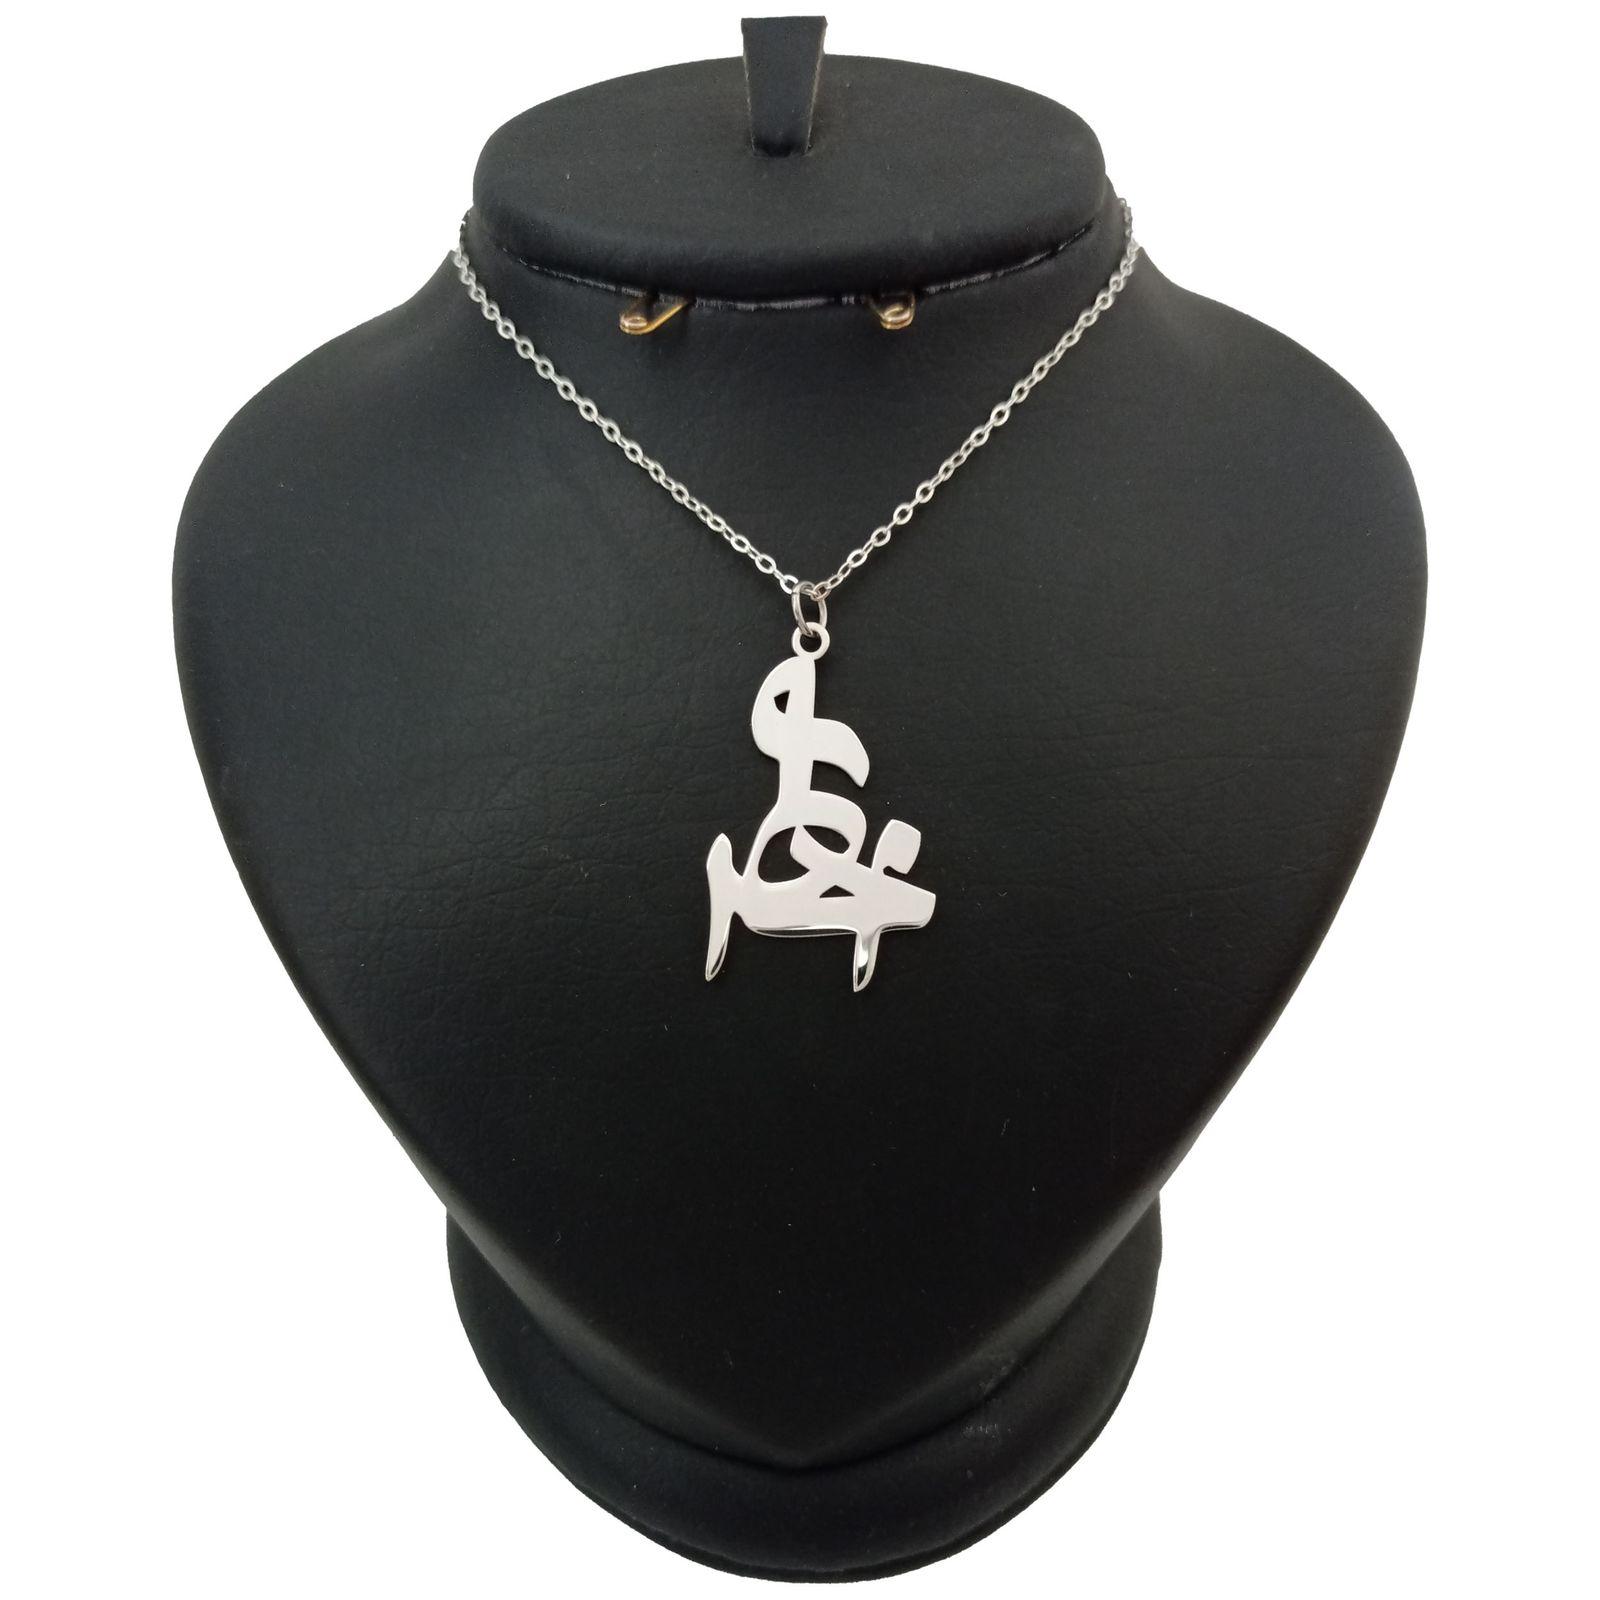 گردنبند نقره مردانه ترمه 1 طرح احمد کد mas 0017 -  - 2